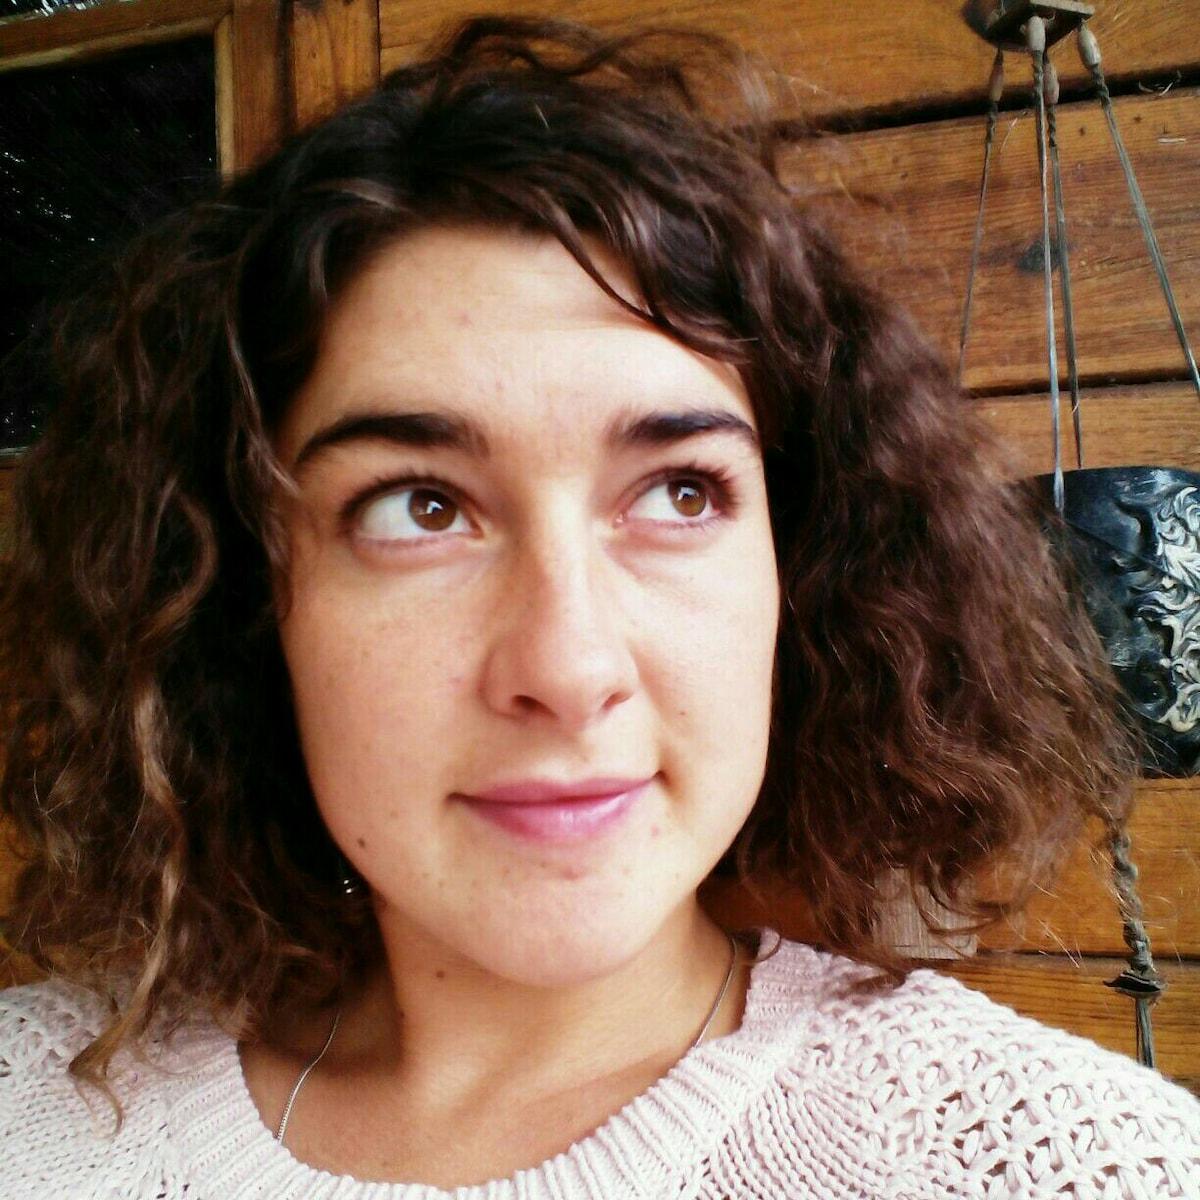 Violeta from Sonseca